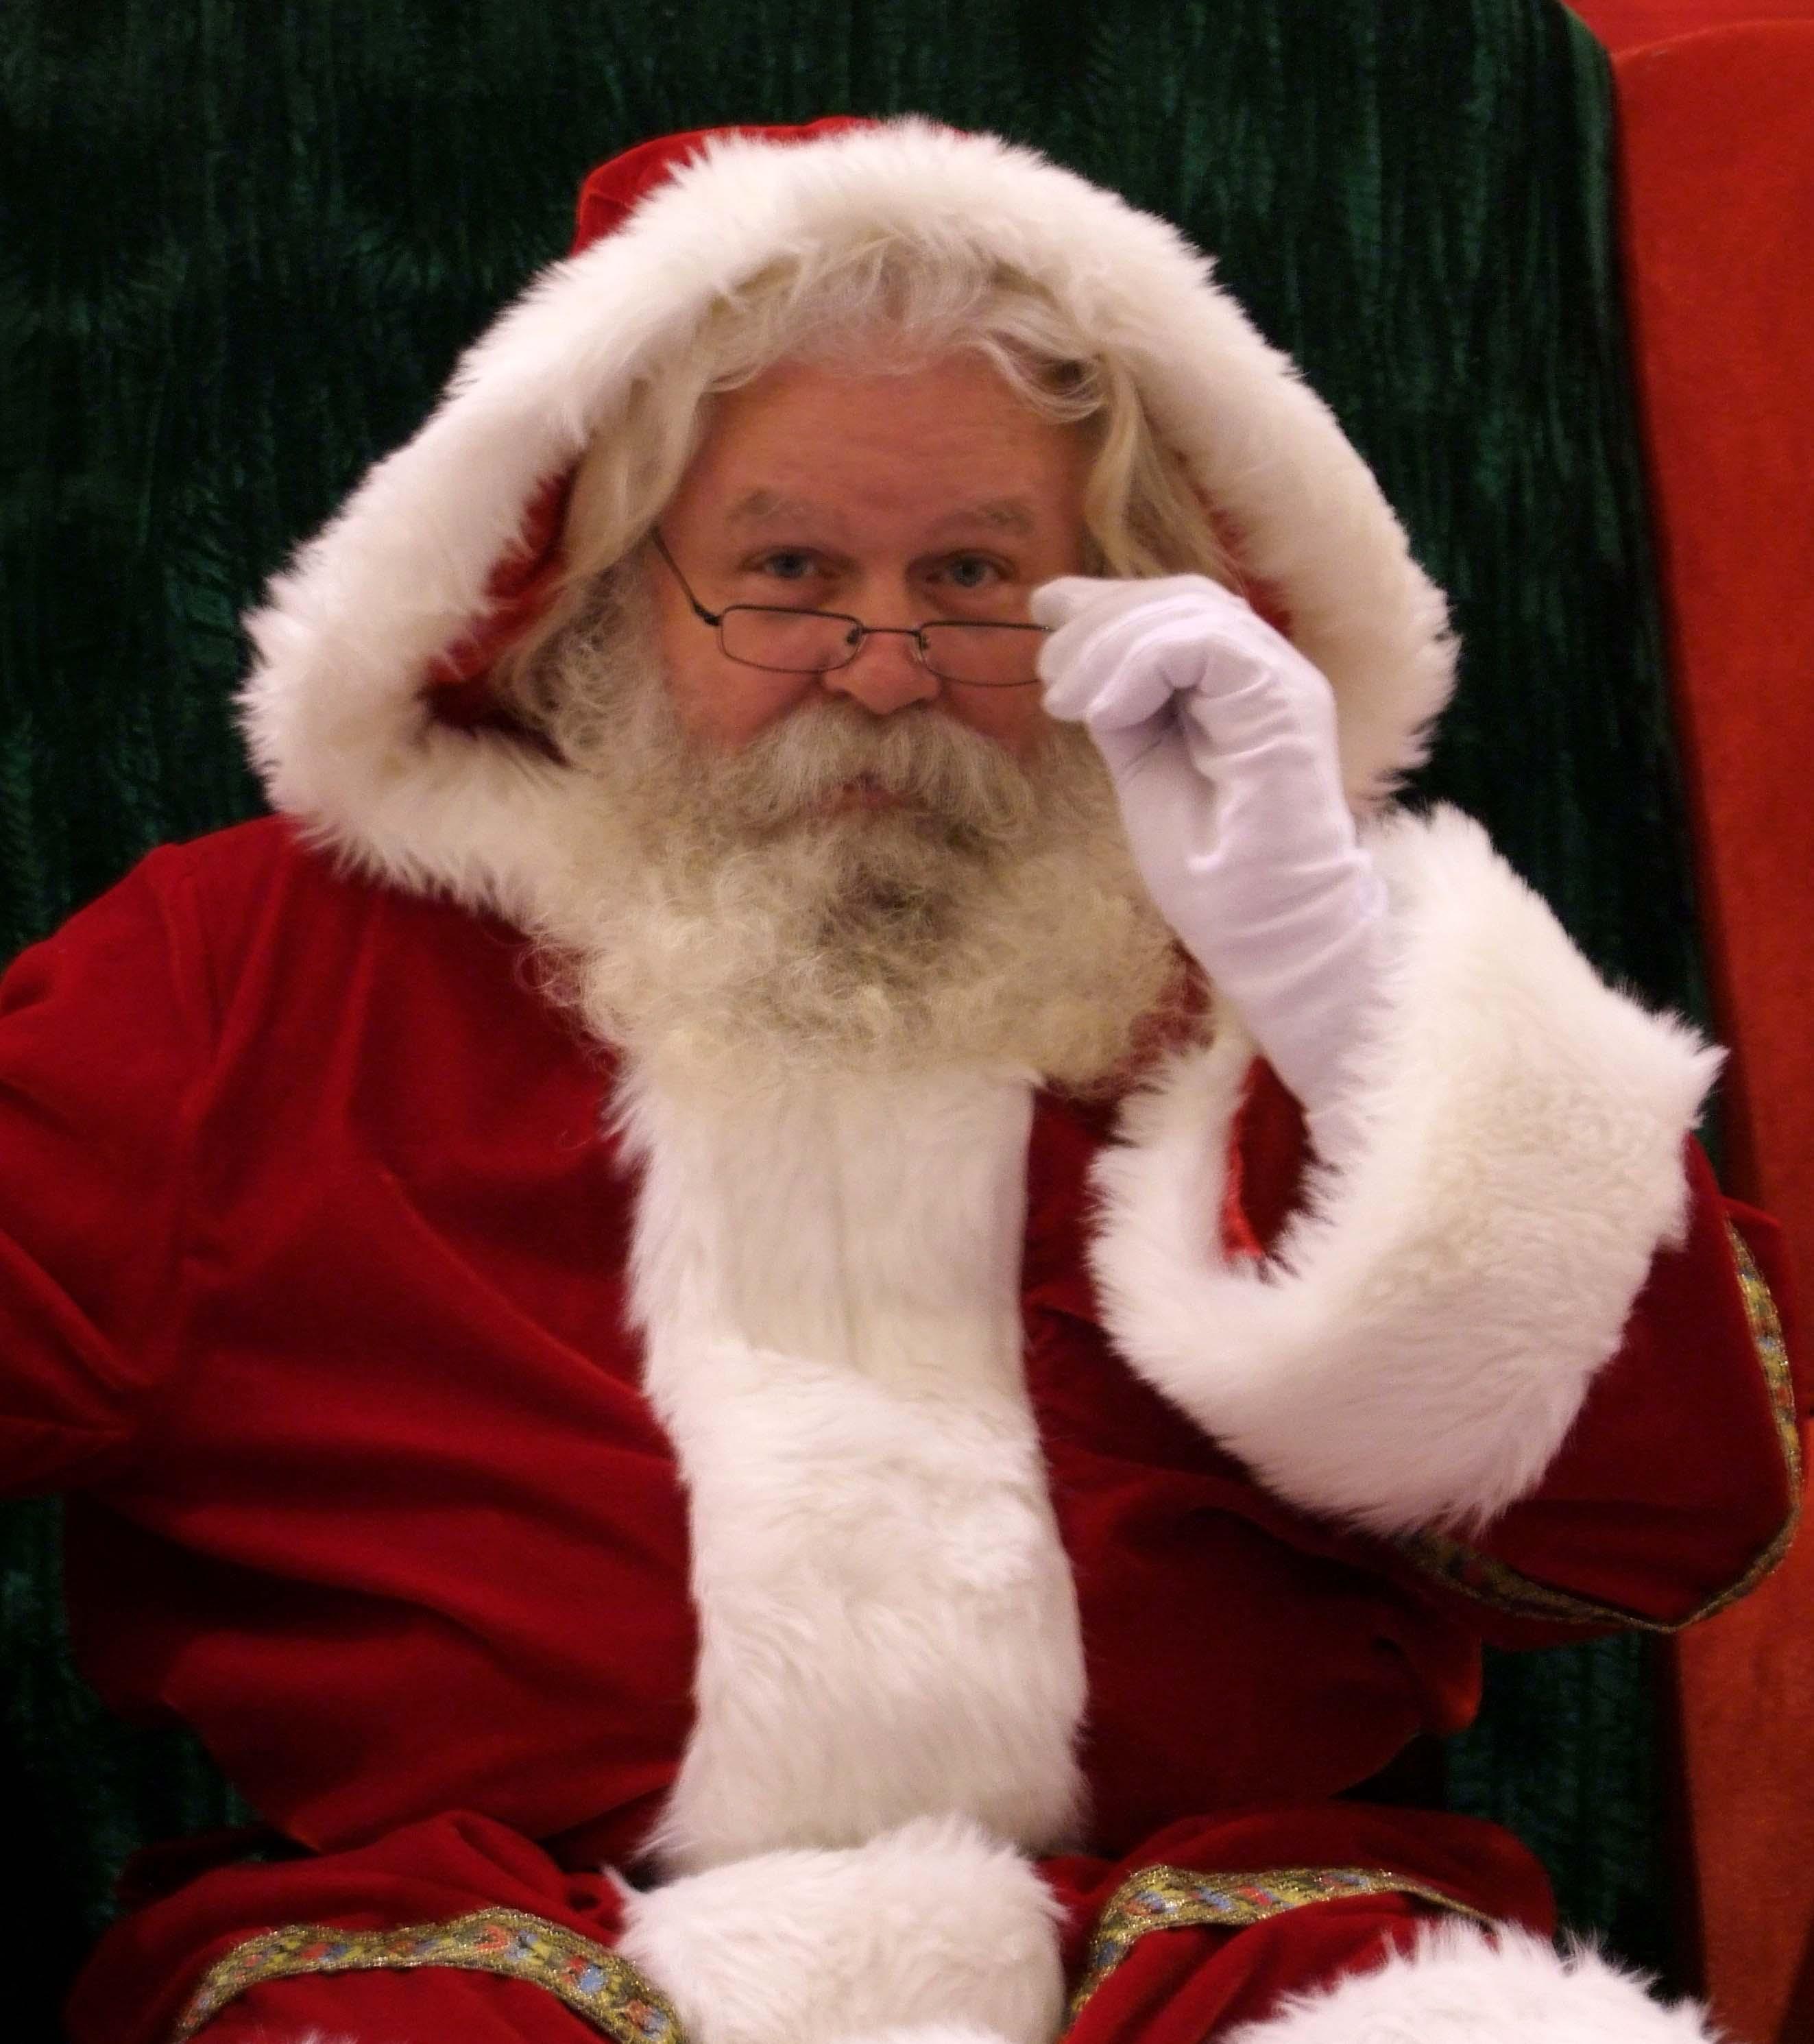 An alleged Stanford Supporter, Santa